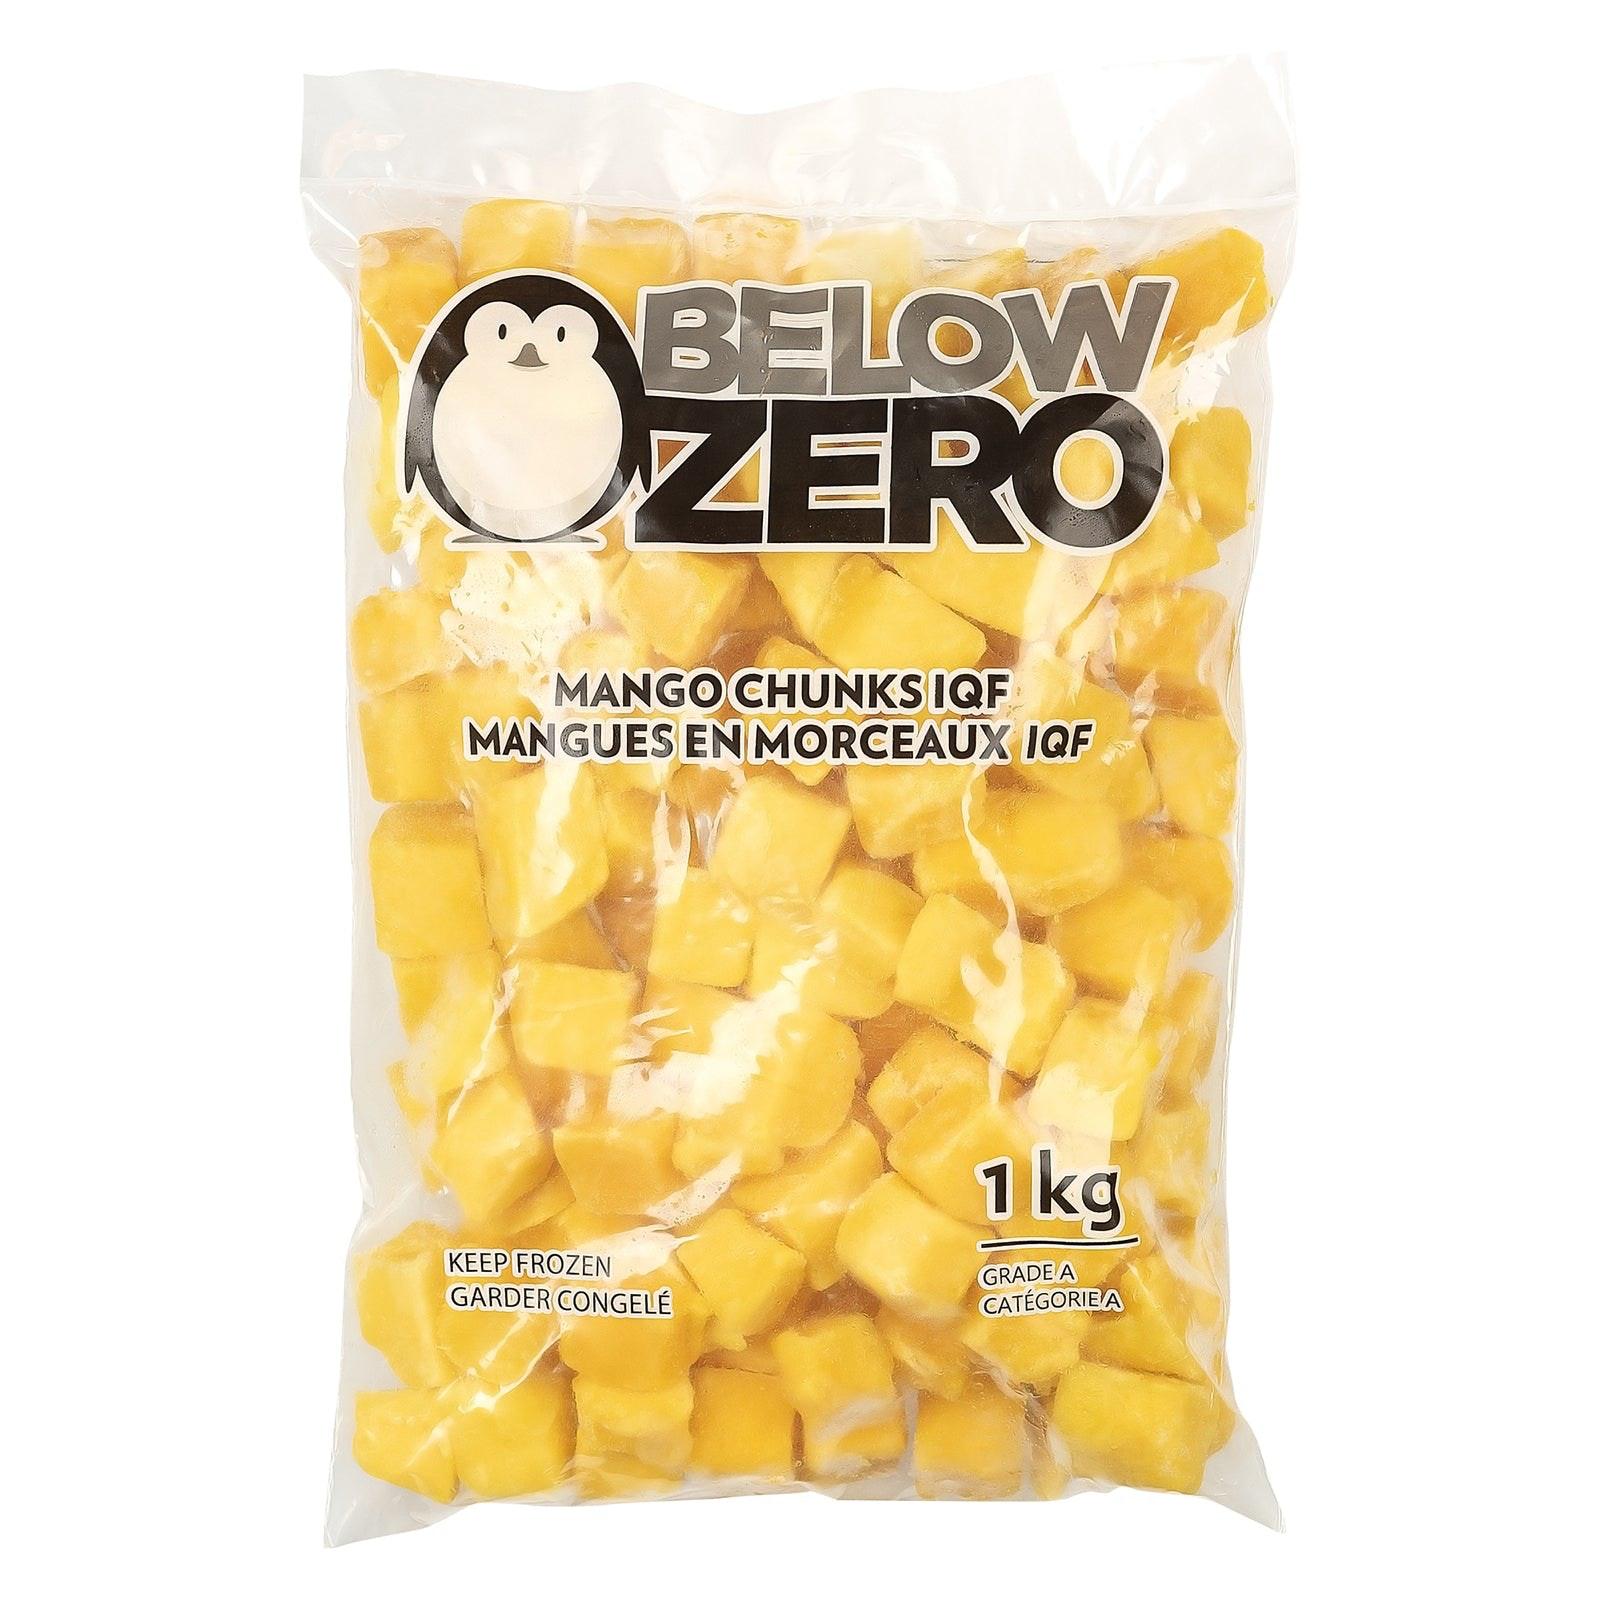 BELOW ZERO Mango chunks